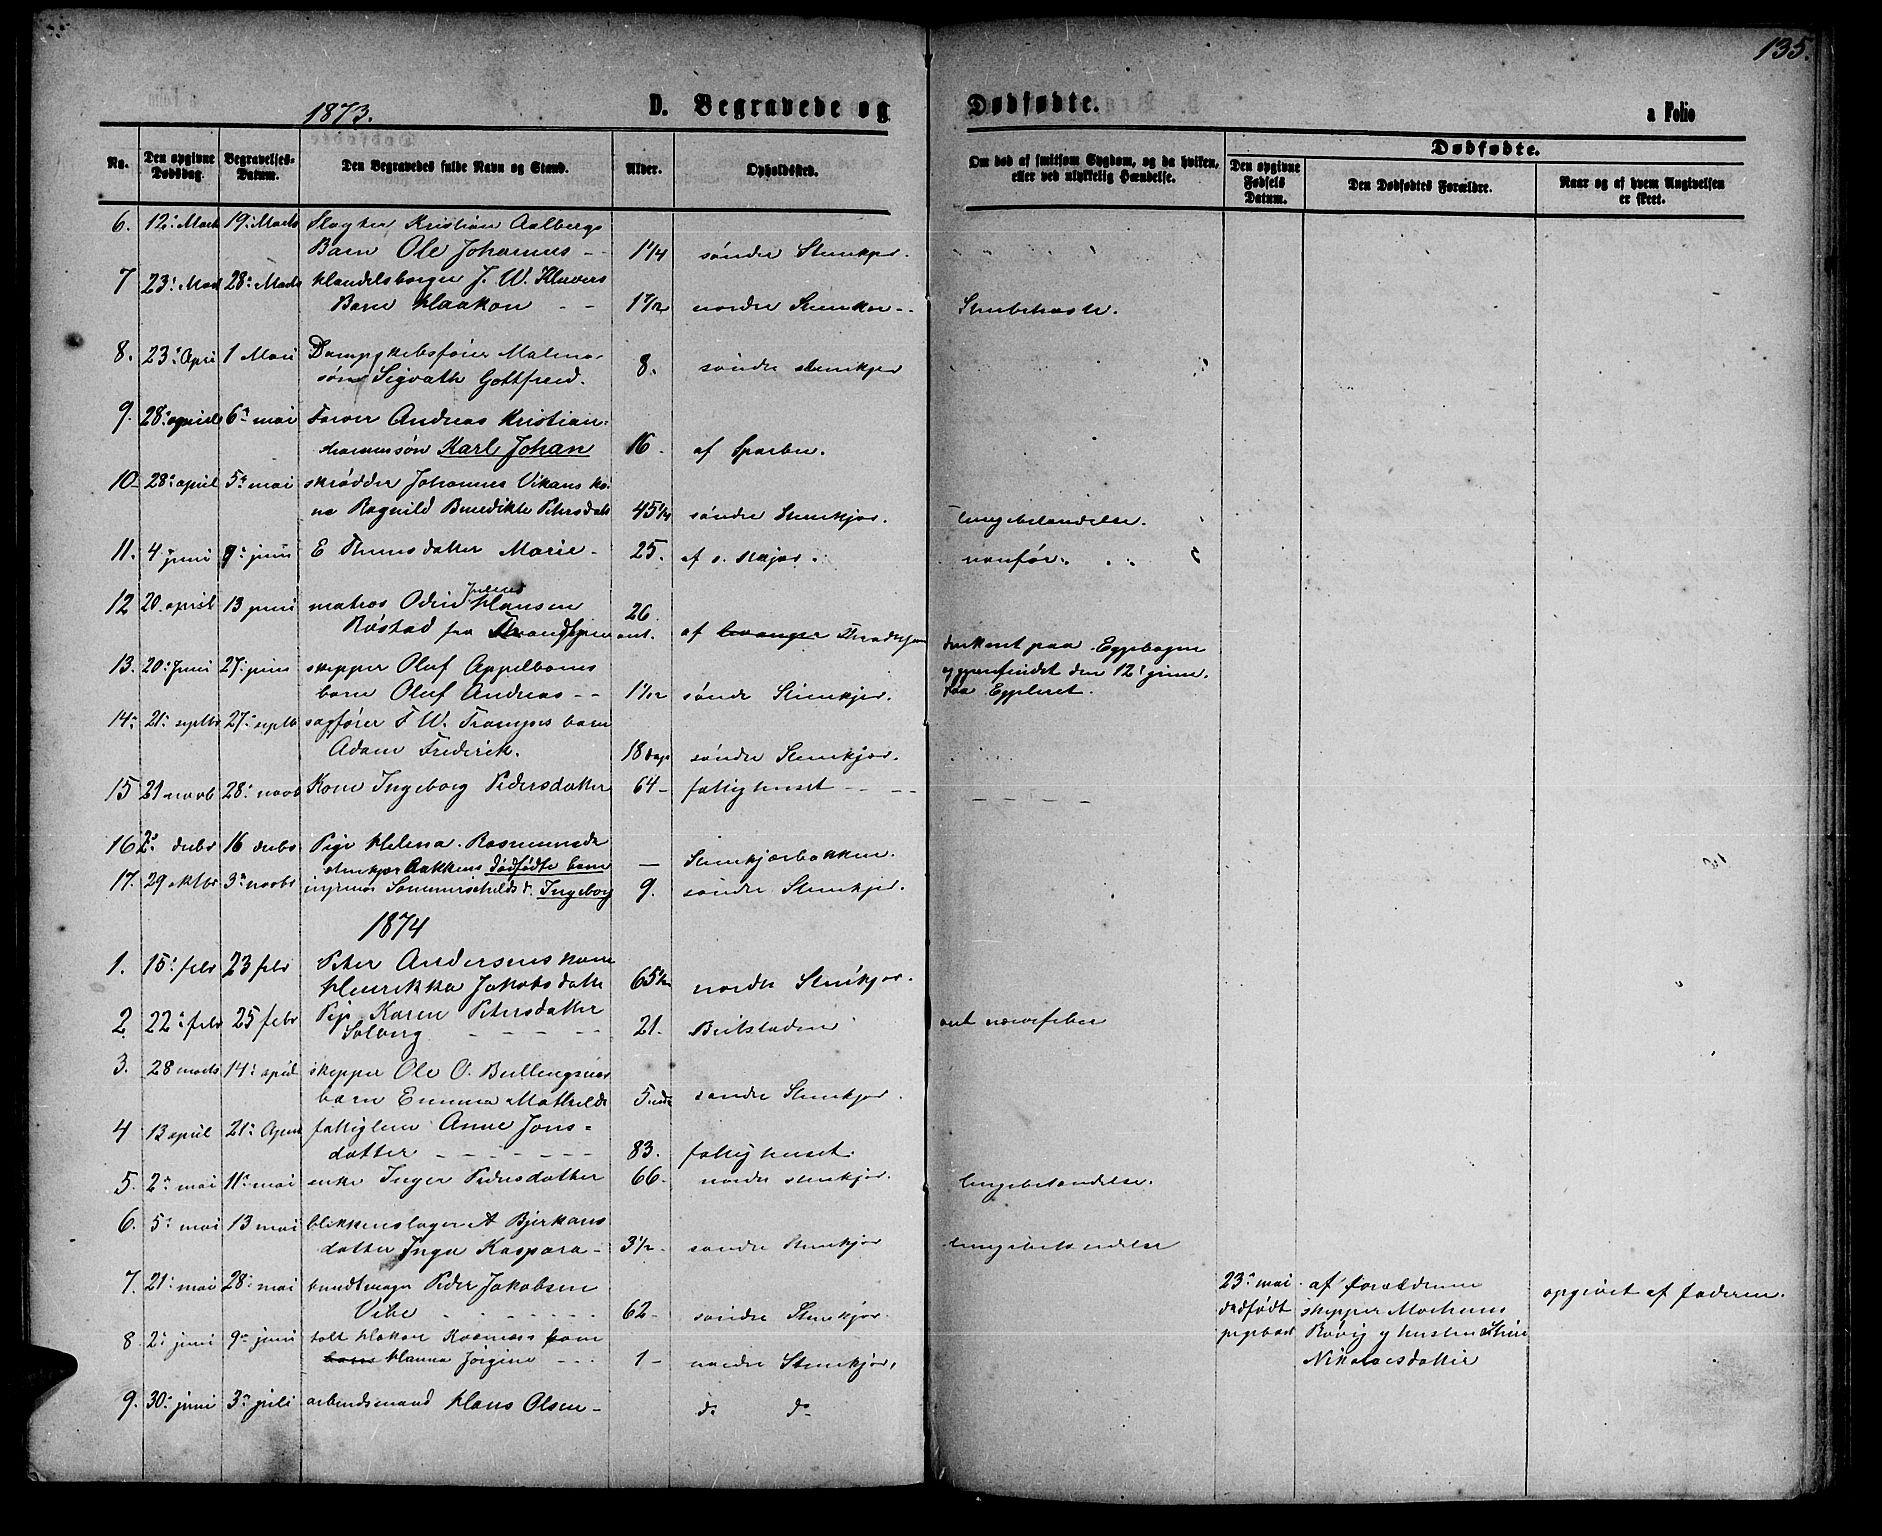 SAT, Ministerialprotokoller, klokkerbøker og fødselsregistre - Nord-Trøndelag, 739/L0373: Klokkerbok nr. 739C01, 1865-1882, s. 135